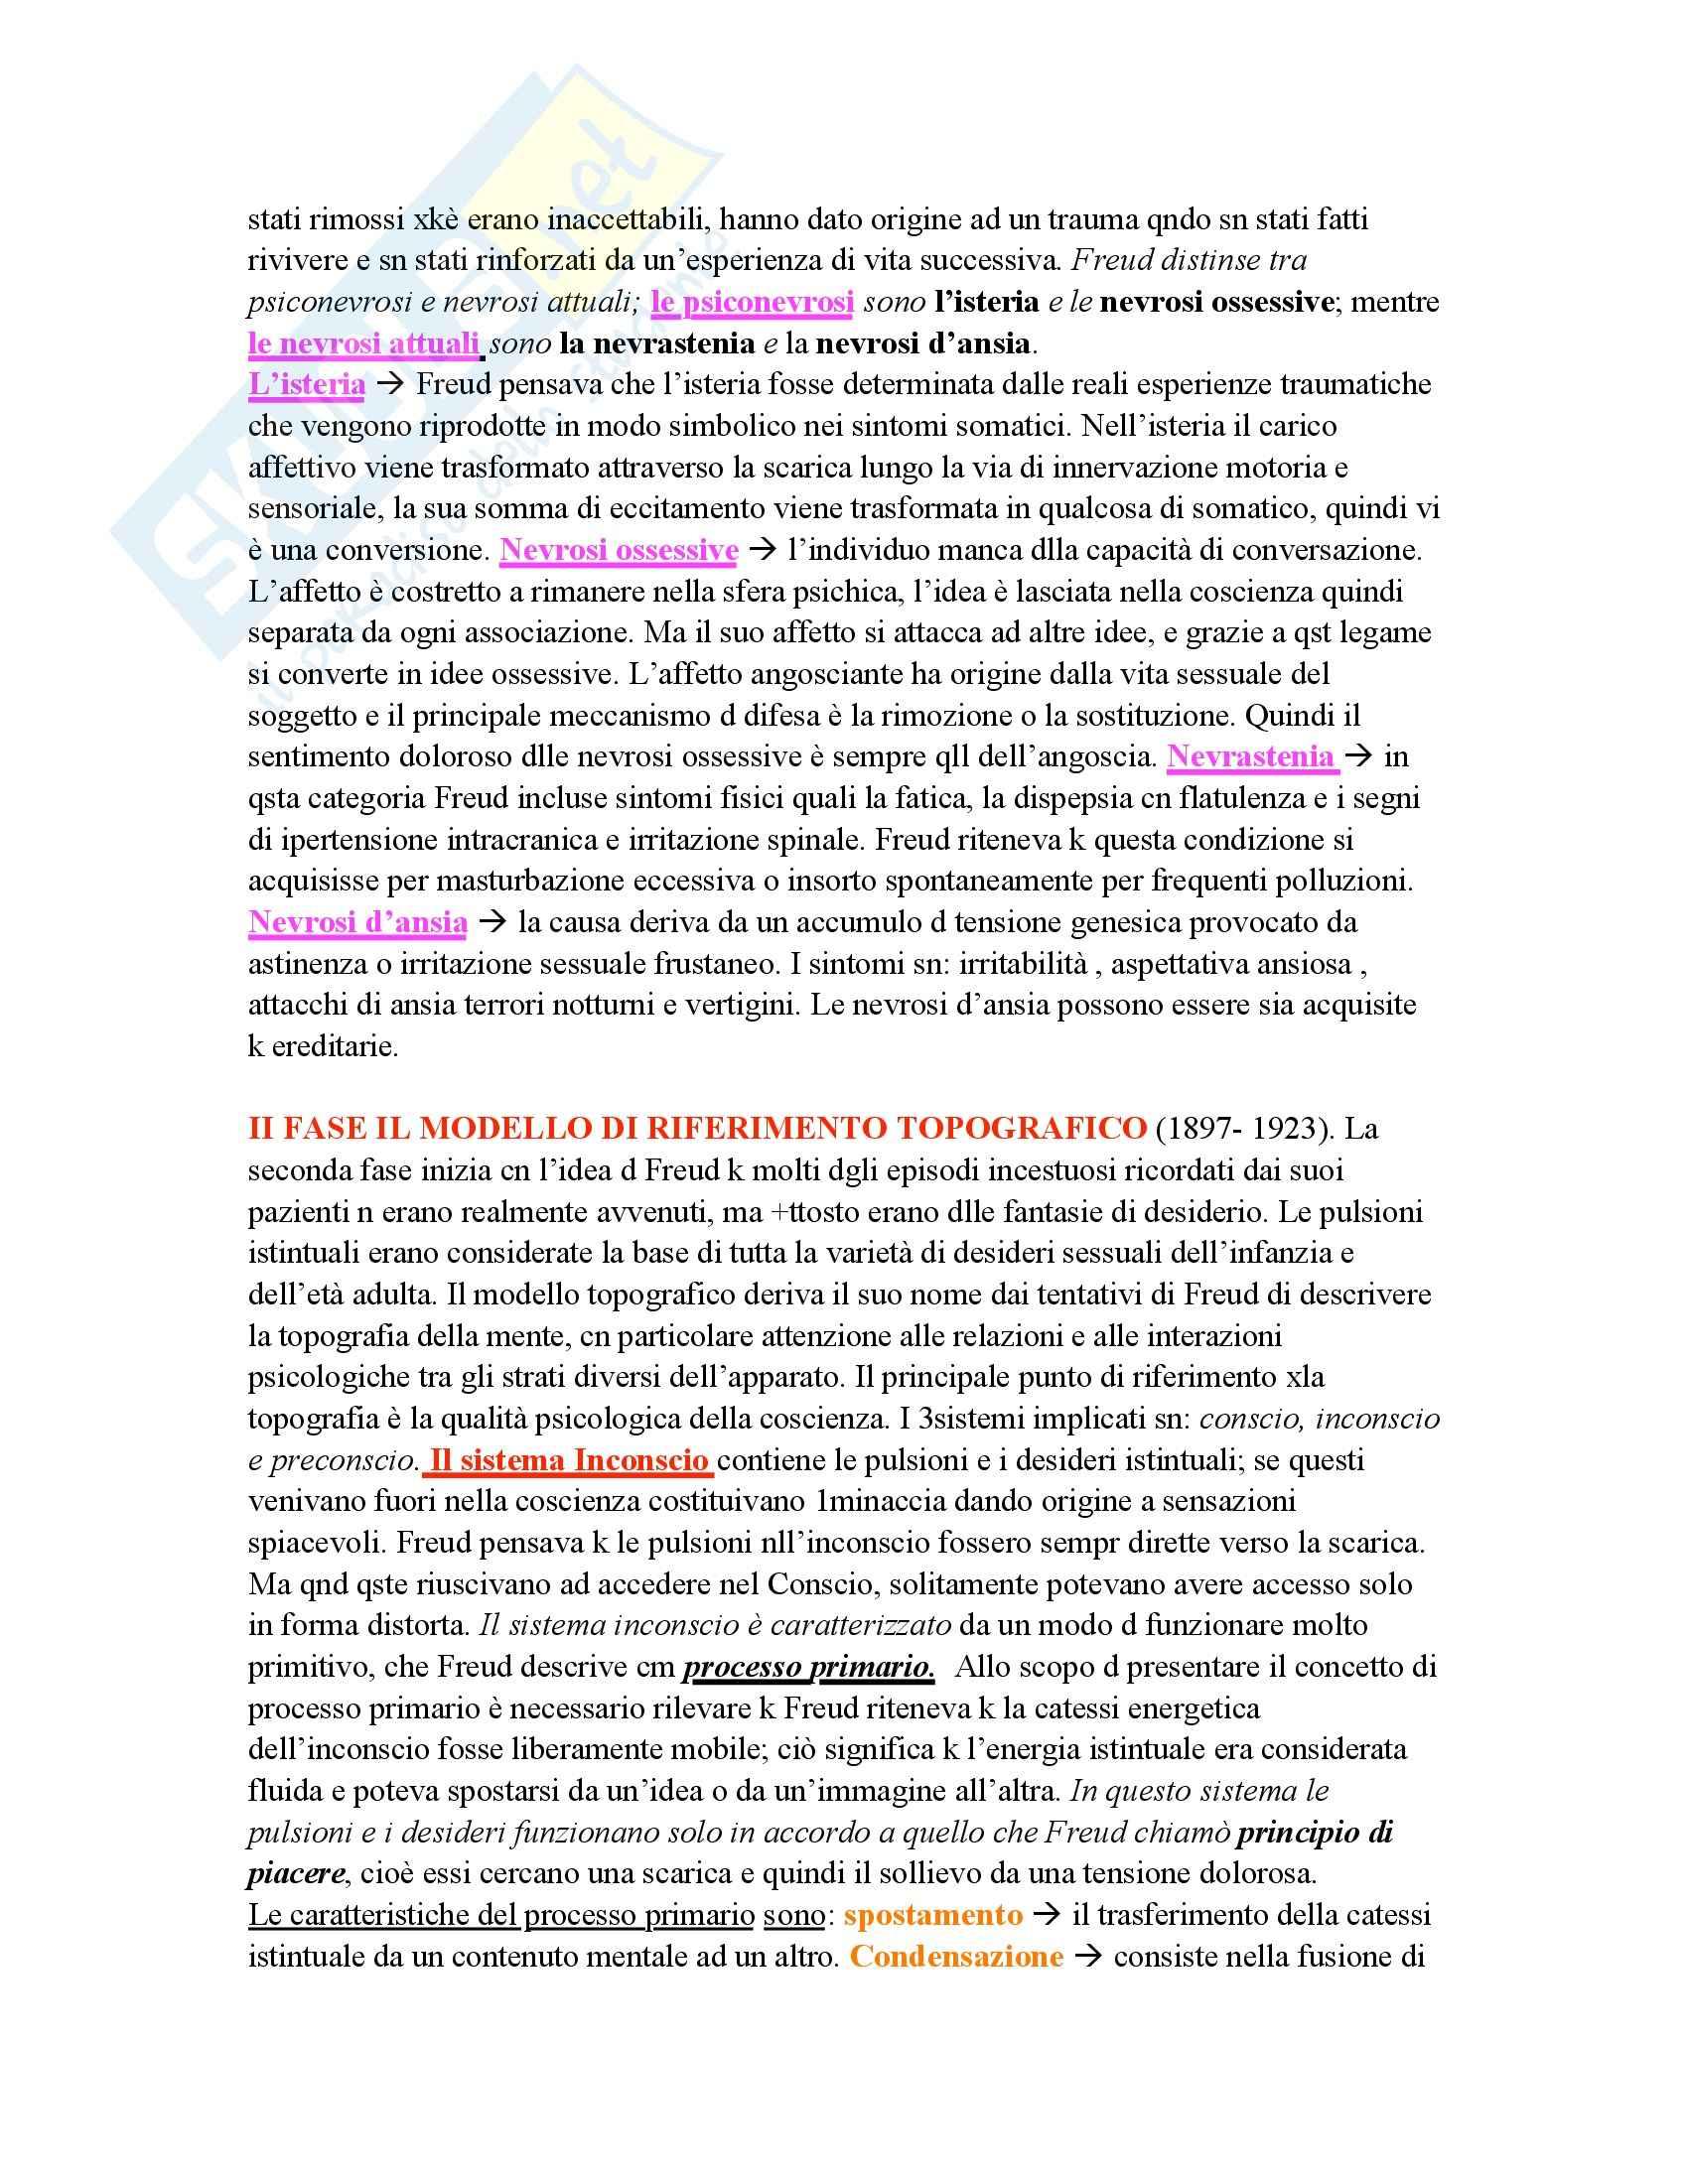 Psicologia dinamica - modelli della mente di Freud - Appunti Pag. 2